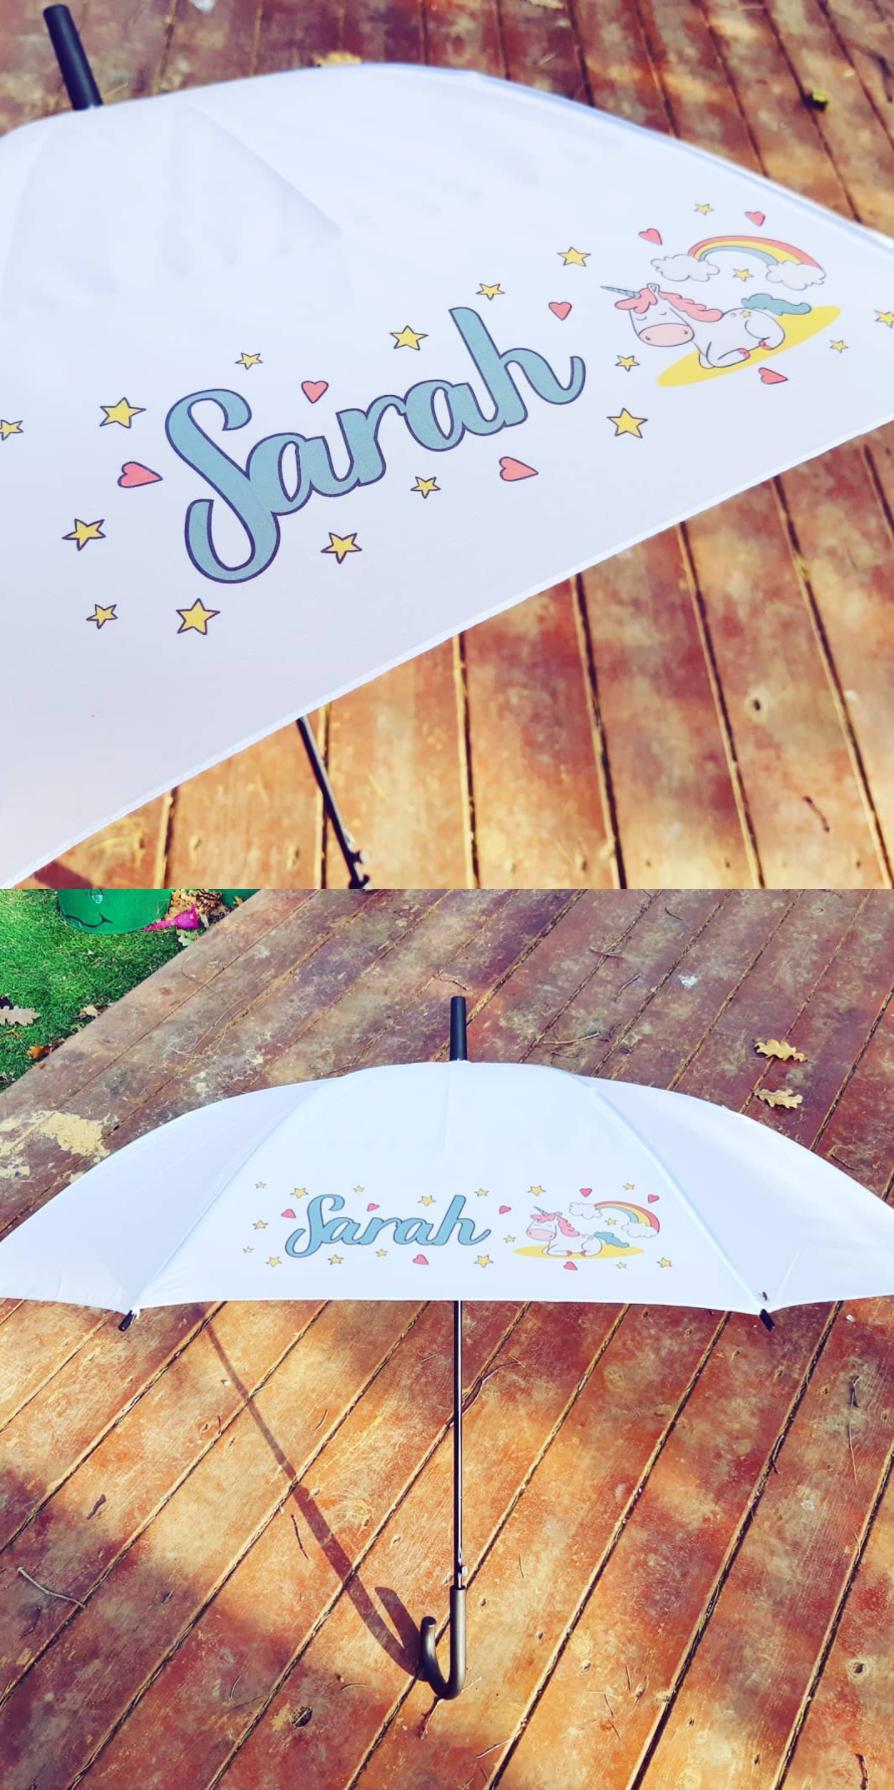 עיצוב אישי והדפסה על מטריות